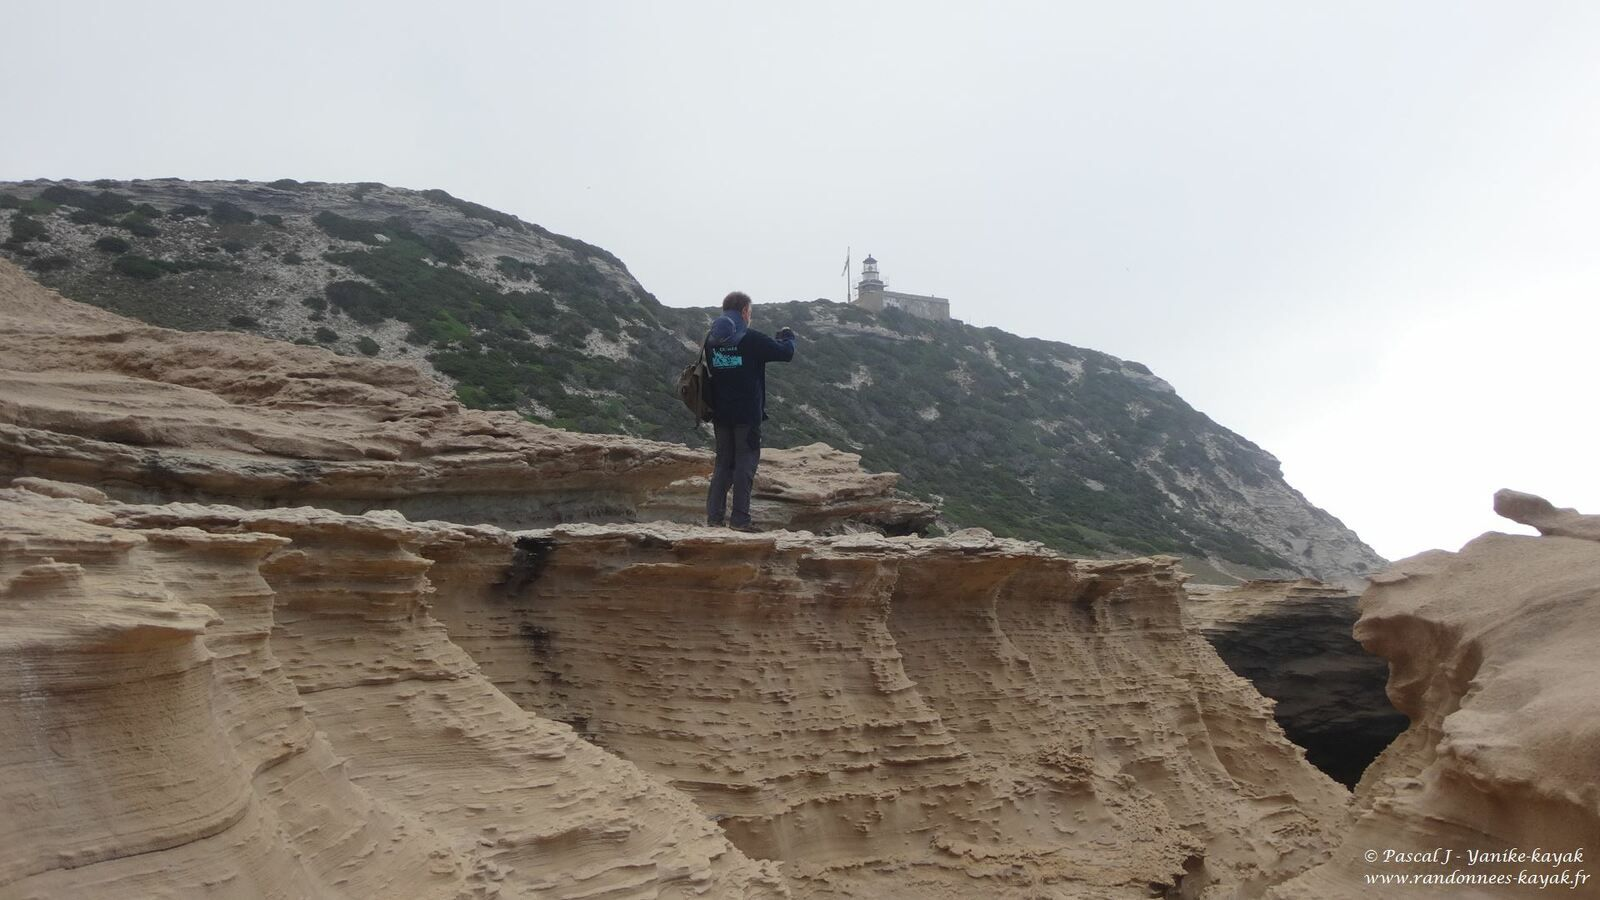 Corsica 2021, la beauté, essentielle, de la nature - Chapitre 16 : De Pertusato à Bonifacio, en prenant de la hauteur